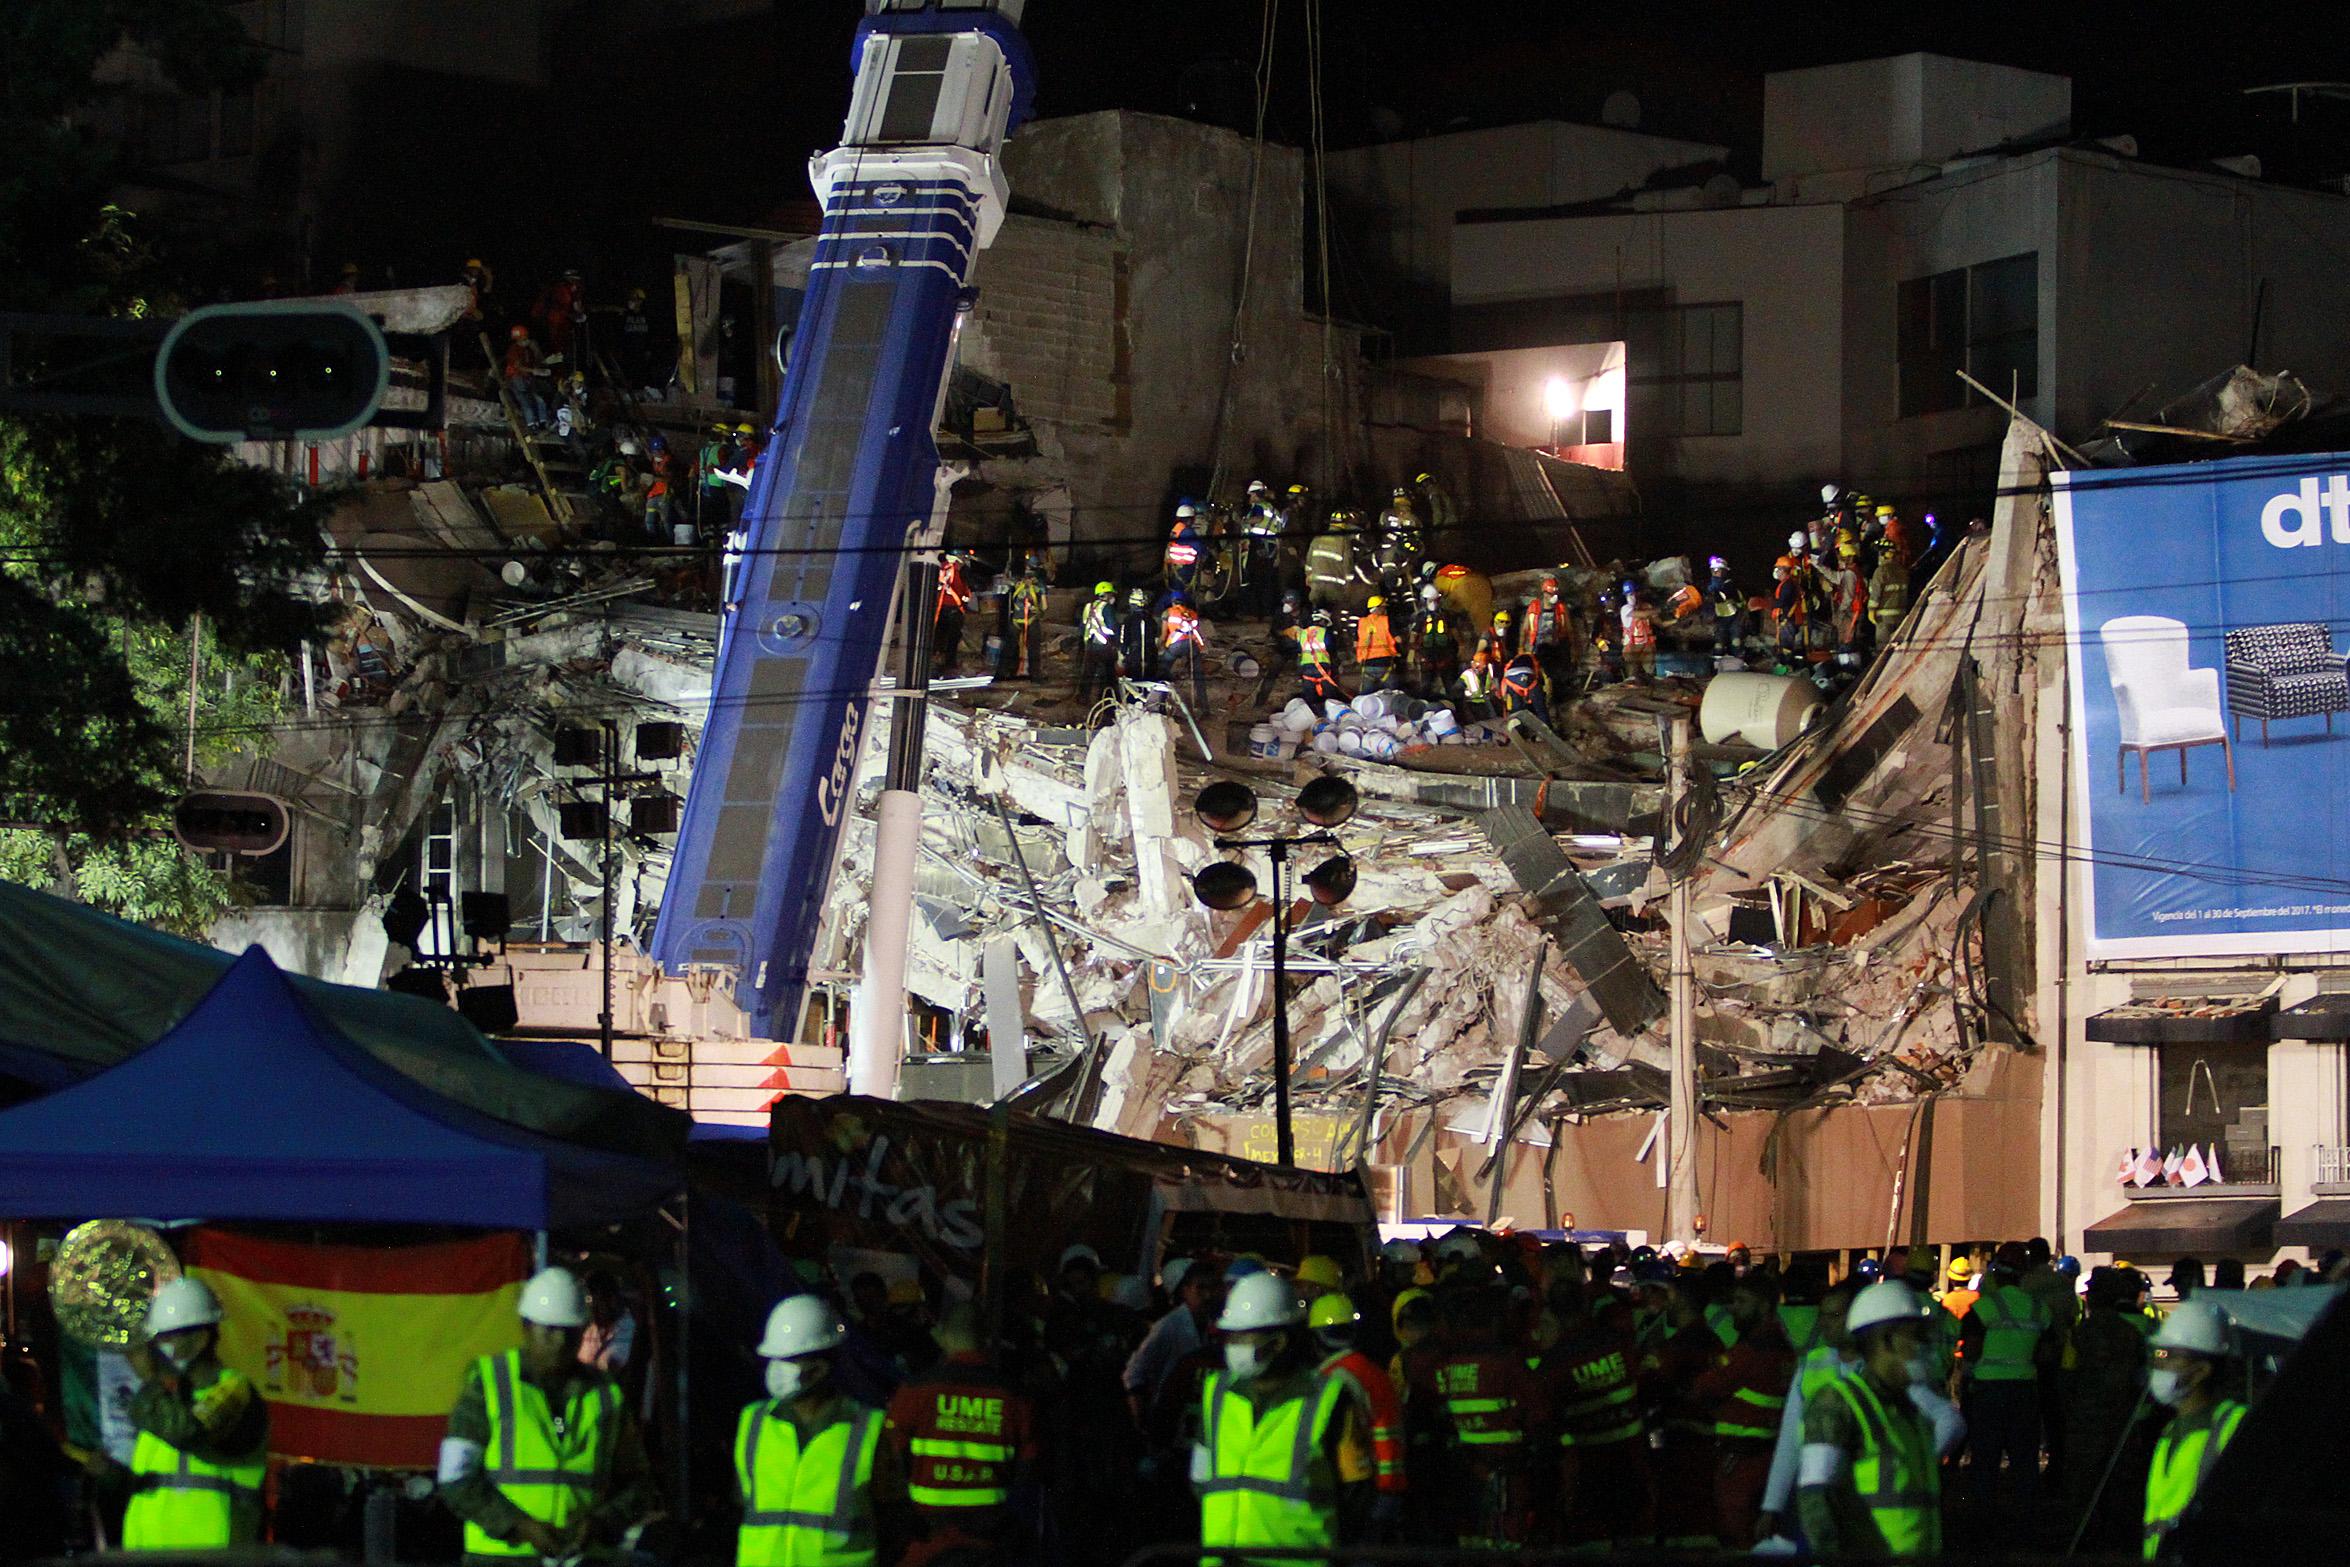 Mueren dos mujeres por infarto durante sismo de 6.1 grados en CDMX